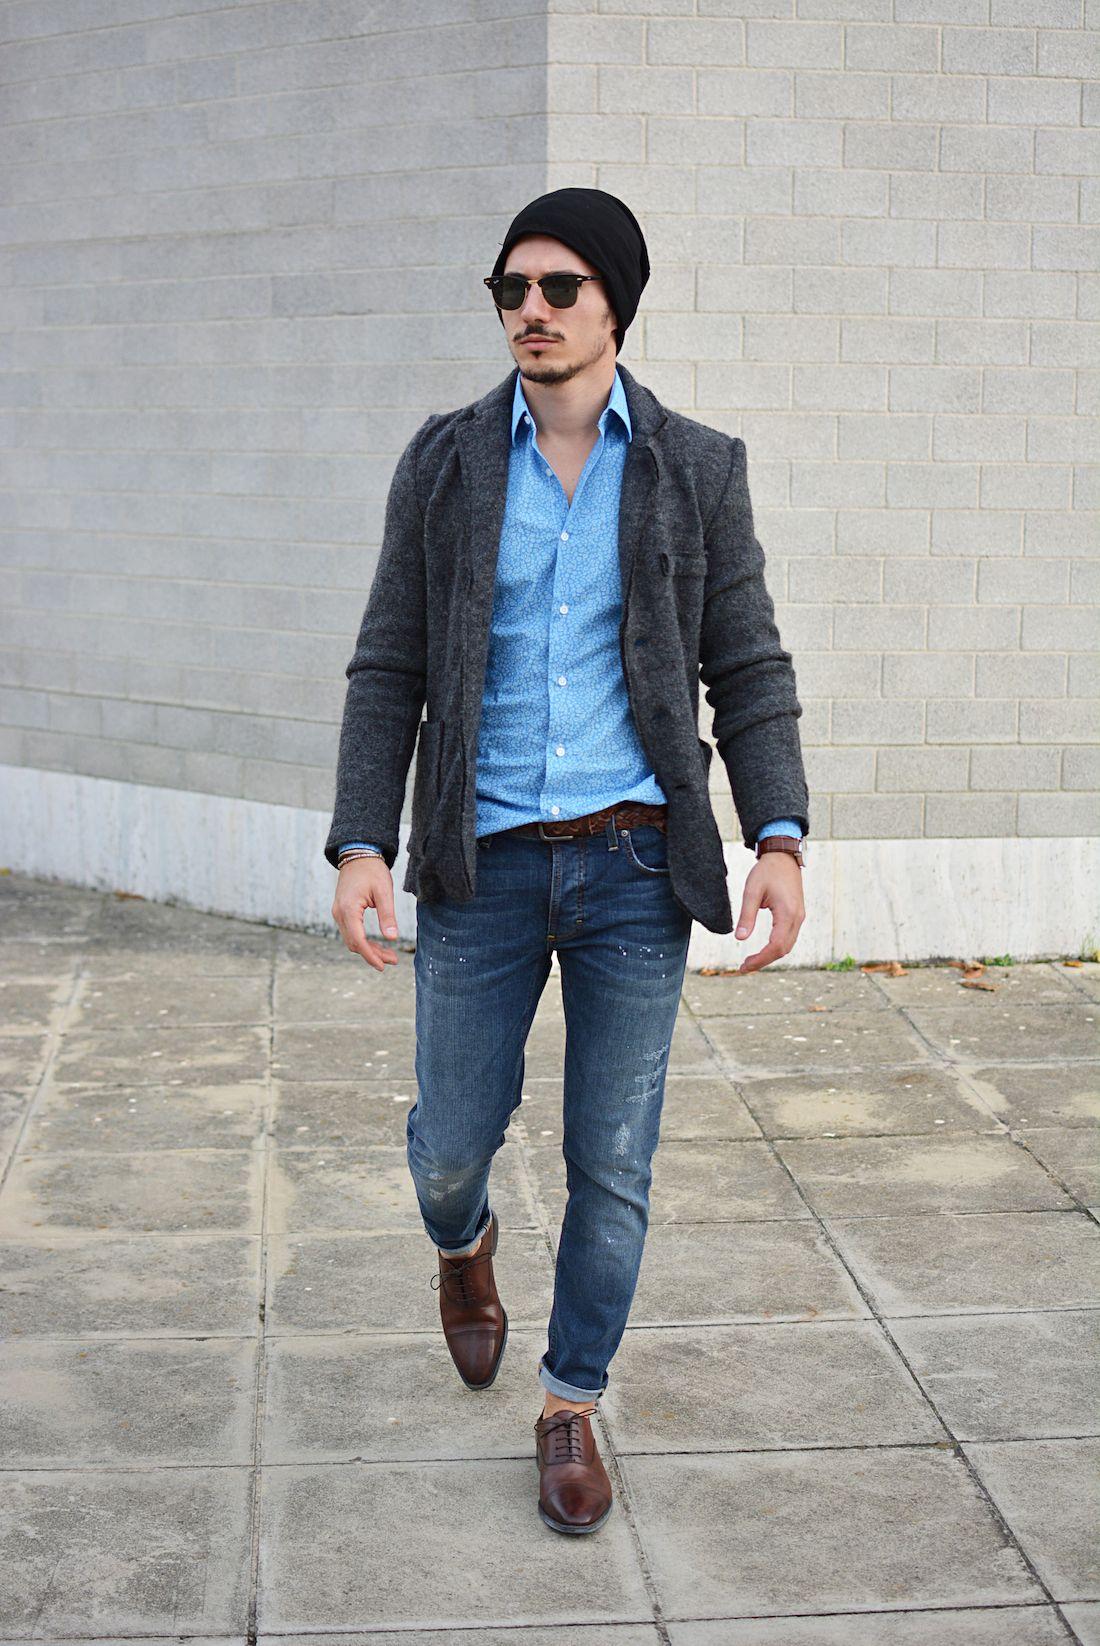 48193b4765c3 Chaussure Richelieu Homme, Look Homme, Style Homme, Lunettes De Soleil,  Cuir Brun